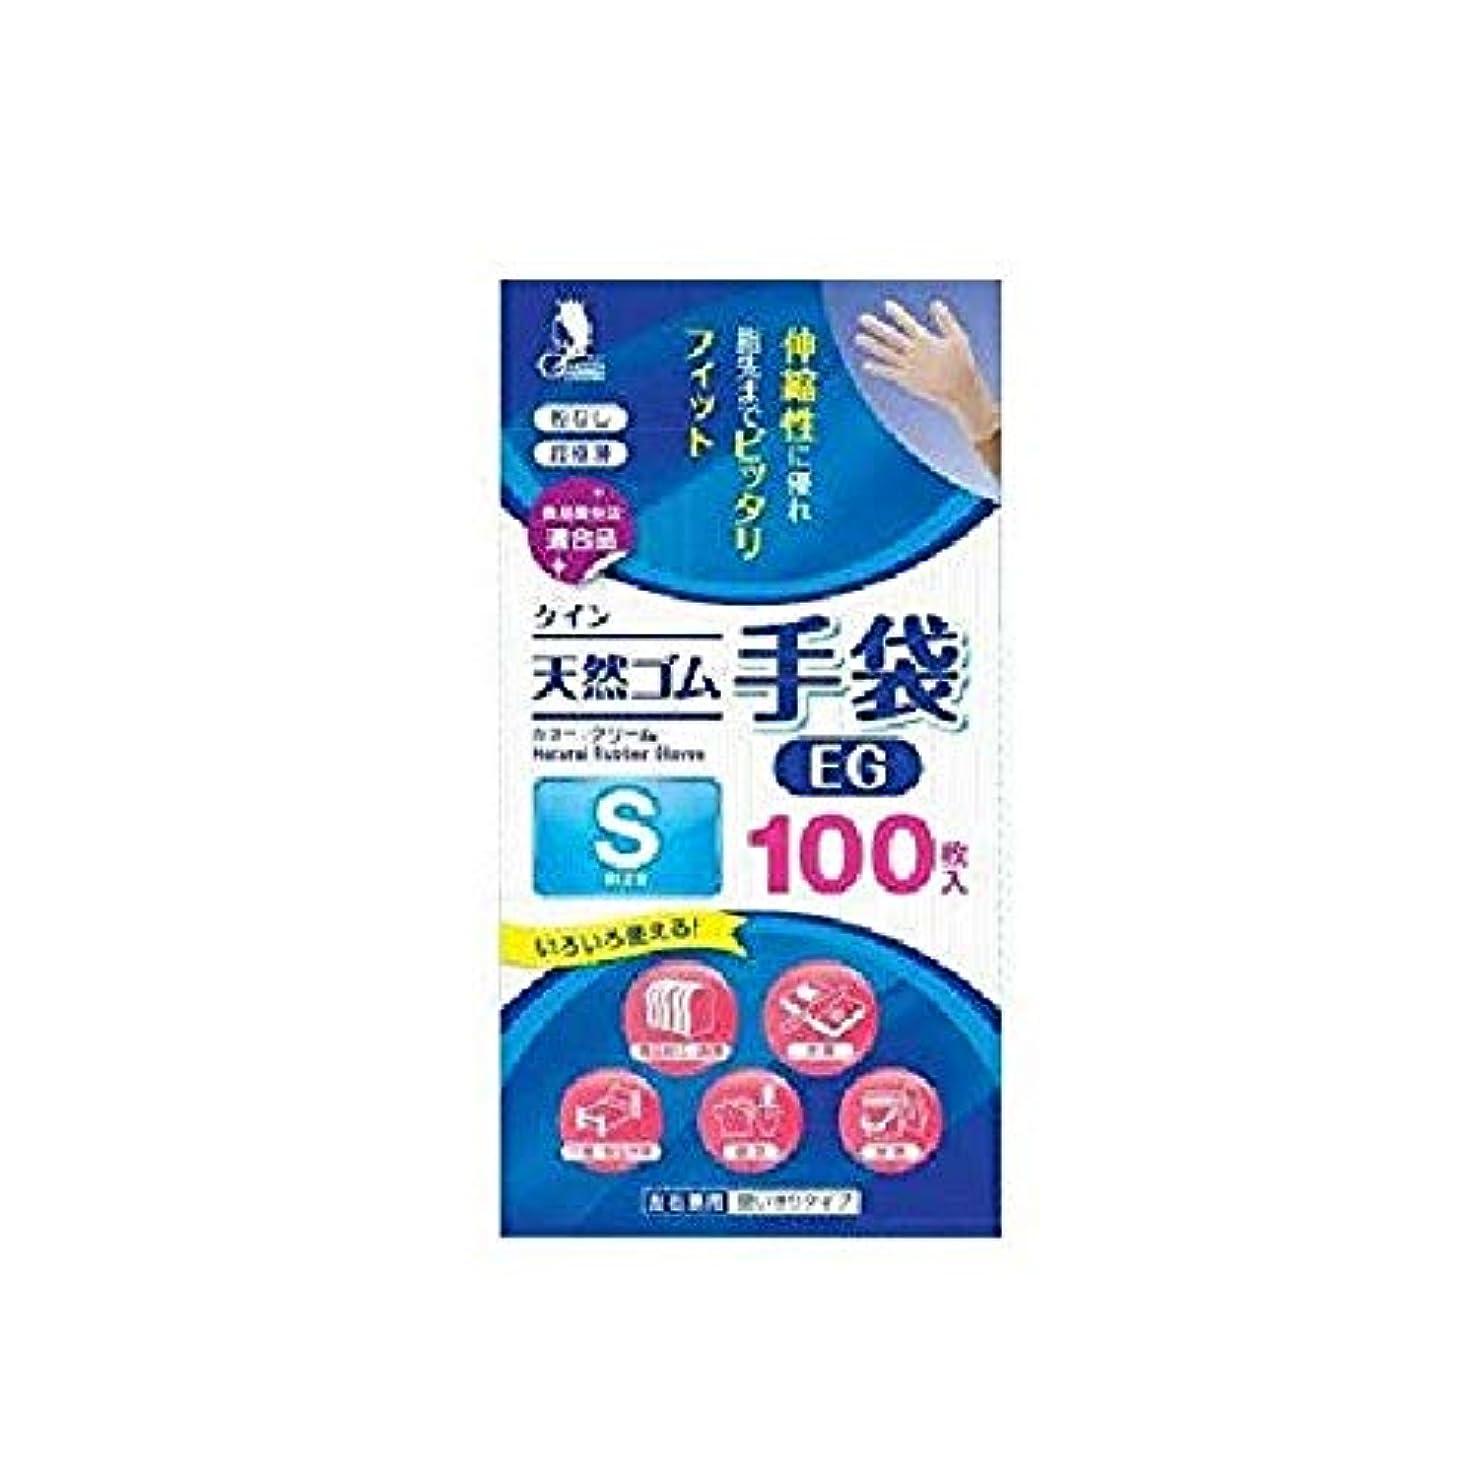 ピカリング今スライス宇都宮製作 クイン 天然ゴム手袋 EG 粉なし 100枚入 Sサイズ